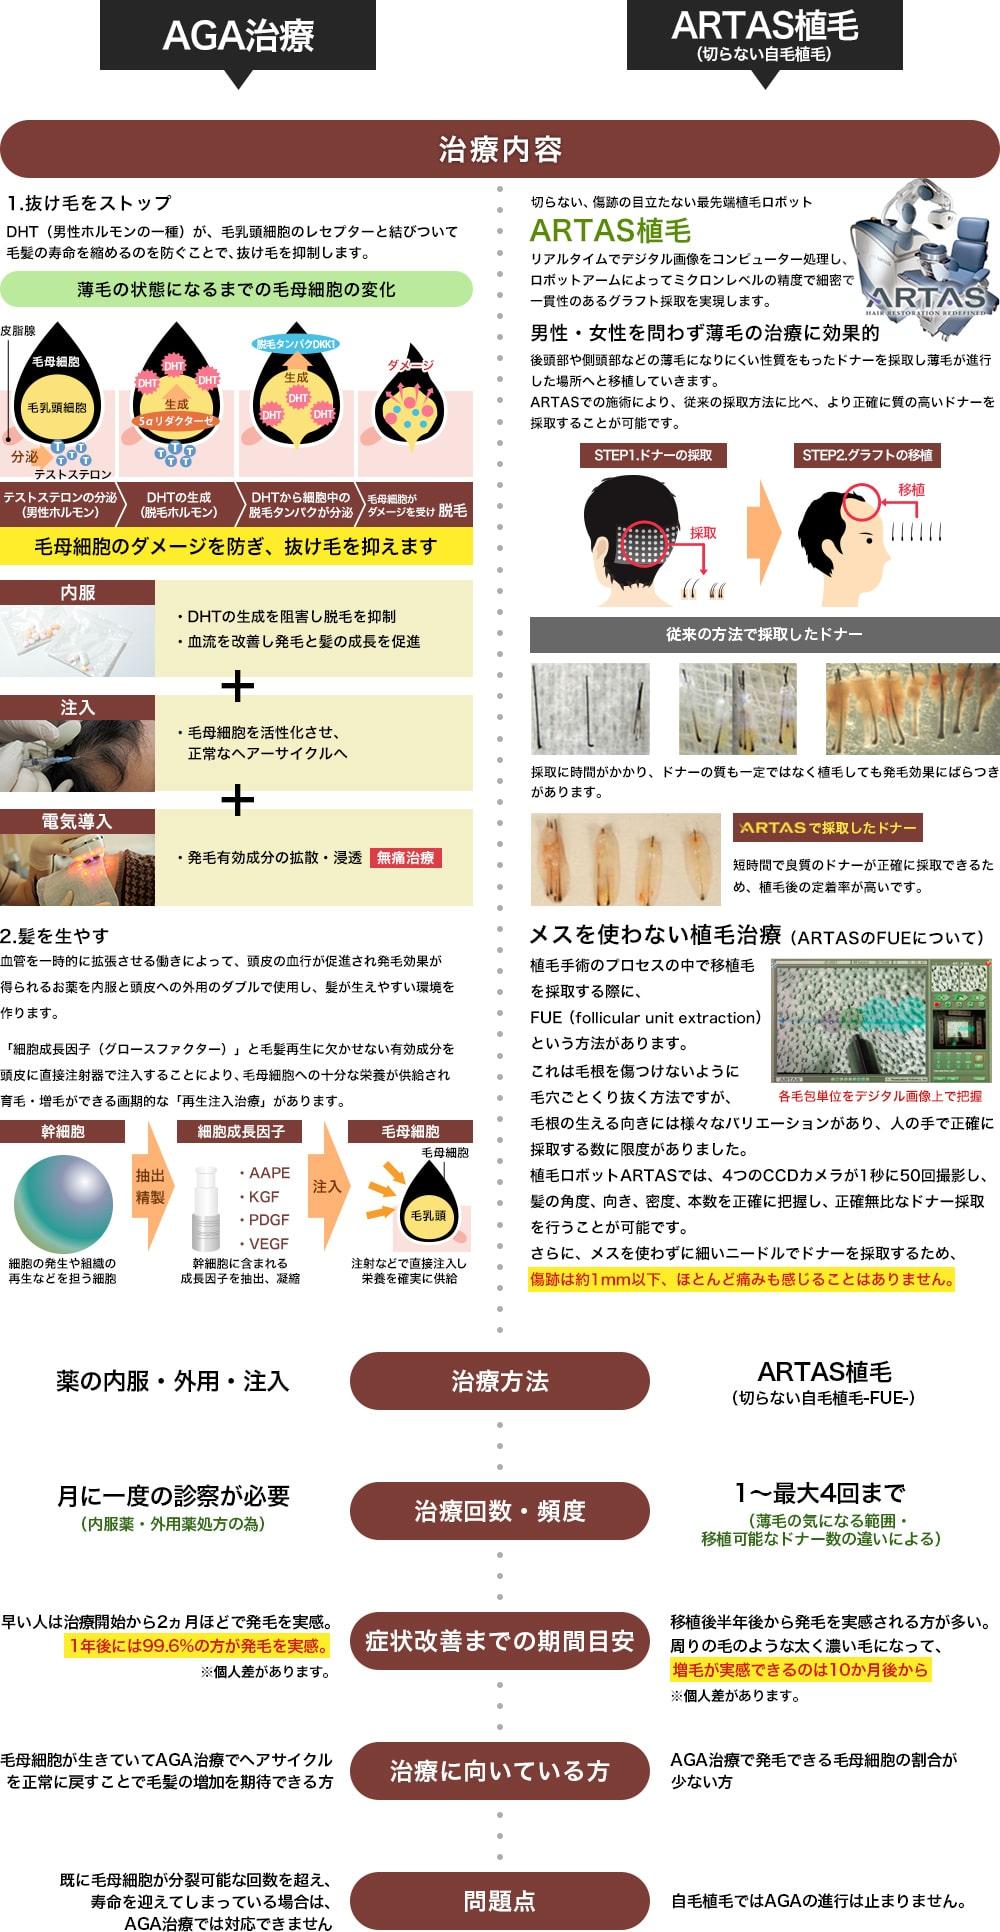 AGA治療とARTAS植毛の内容比較